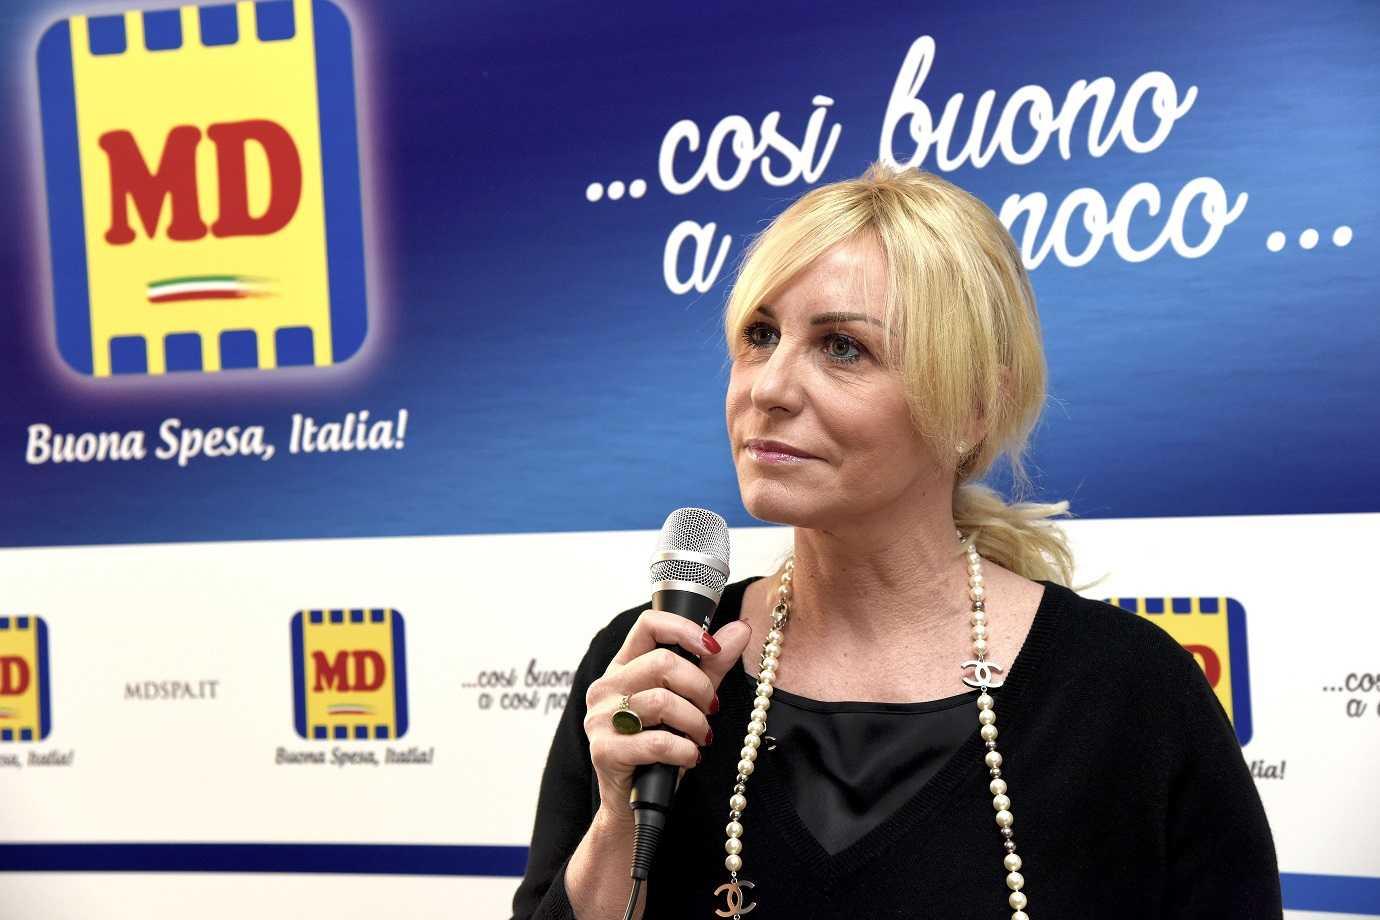 Antonella Clerici, la nuova testimonial MD